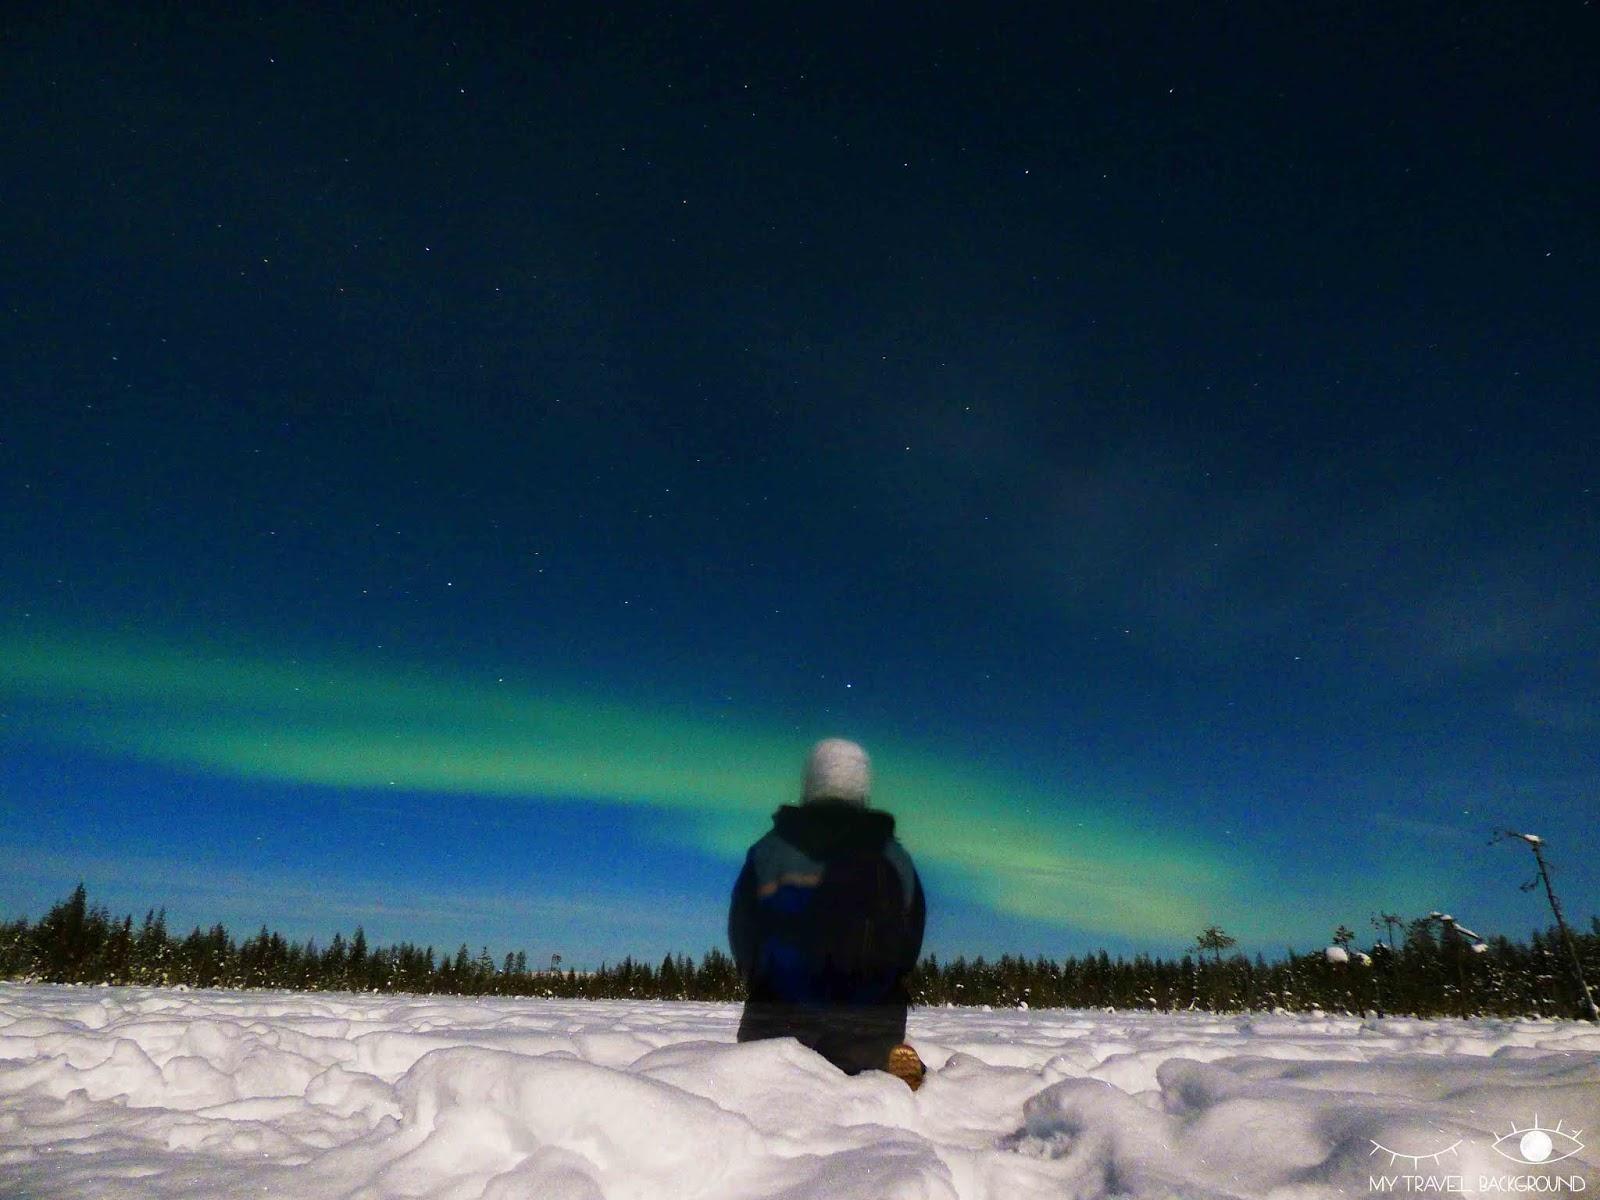 My Travel Background : road trip de 10 jours autour de la mer baltique : Danemark, Finlande, Estonie - Aurore Boréale à Rovaniemi, Finlande